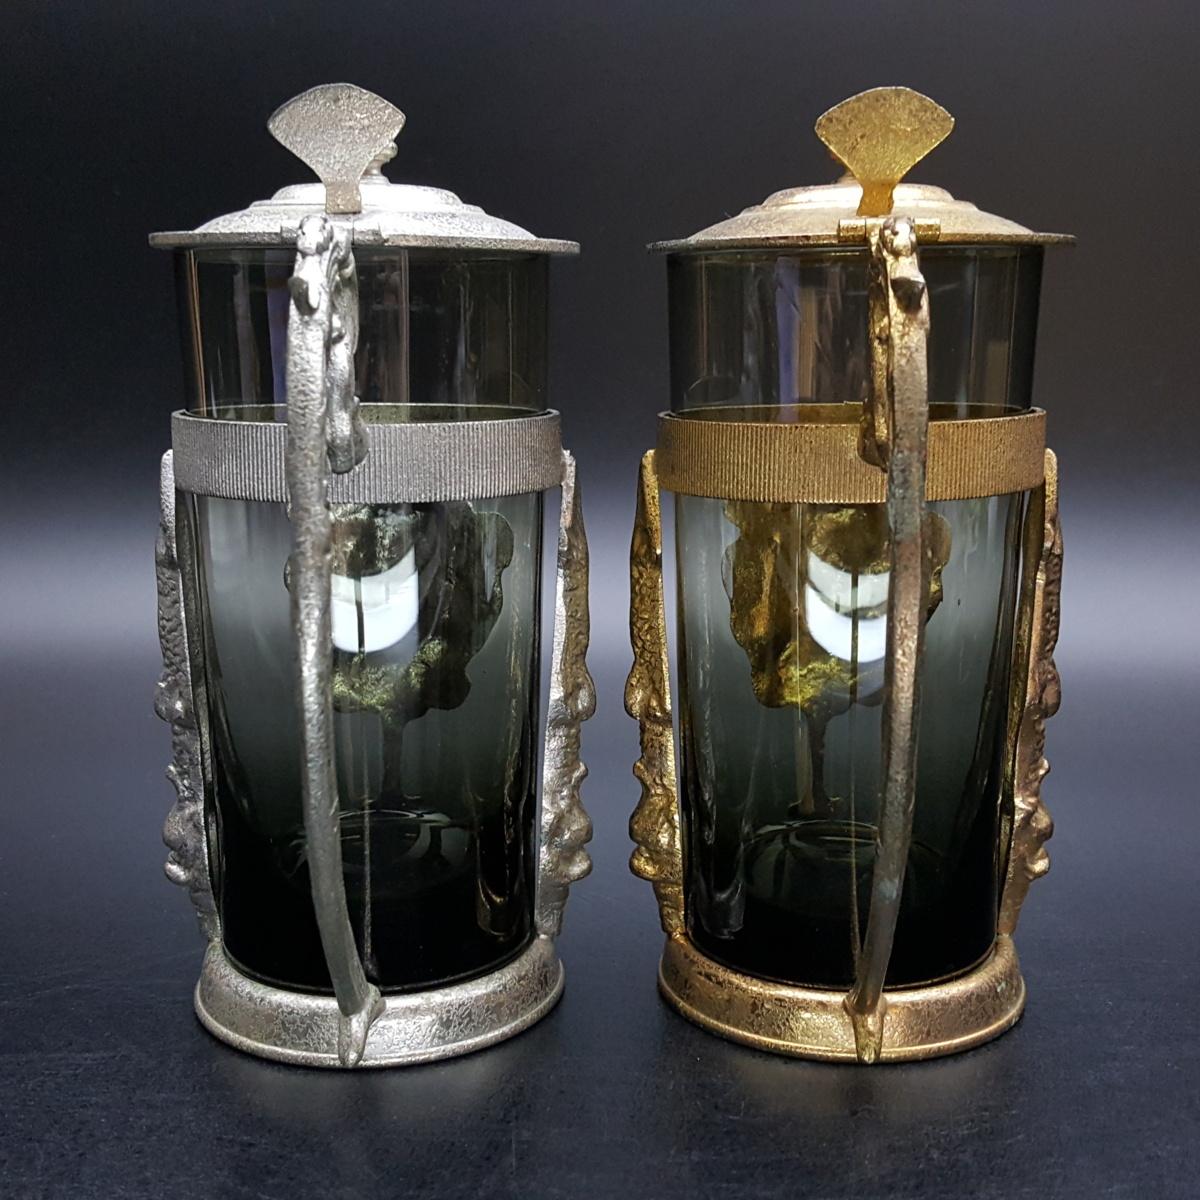 【宝蔵】アンティーク メデューサ メドゥーサ 金銀一対 蓋付グラス 一組 カップ コップ_画像3